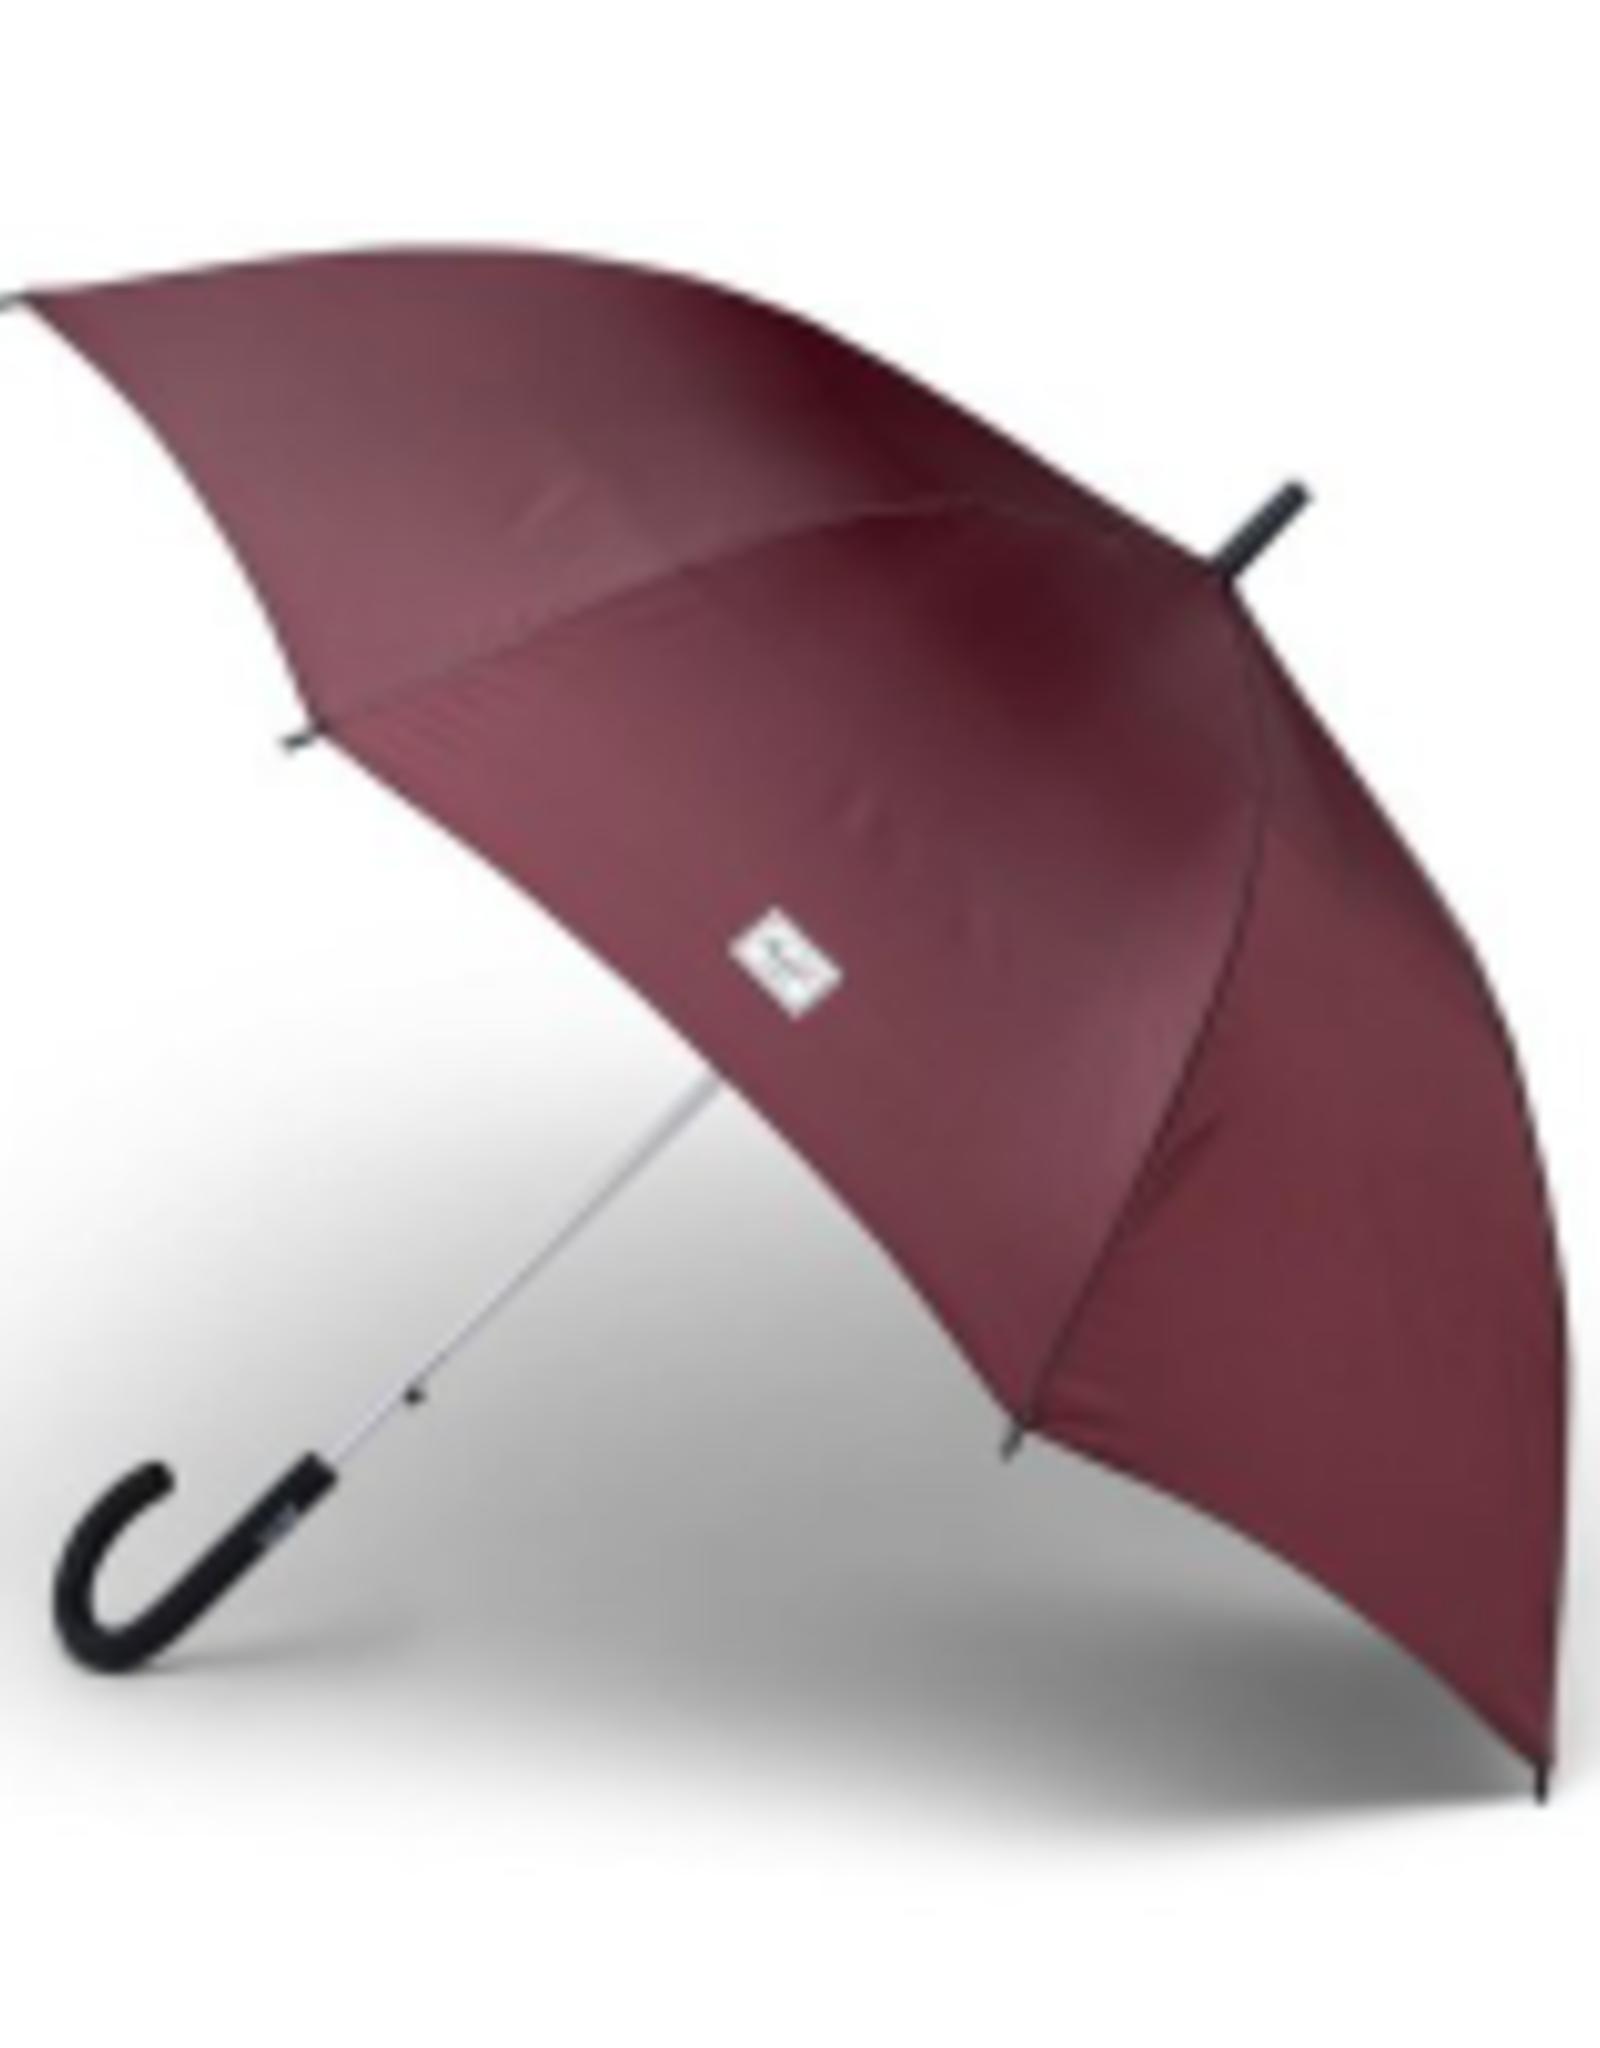 Herschel HERSCHEL classic umbrella